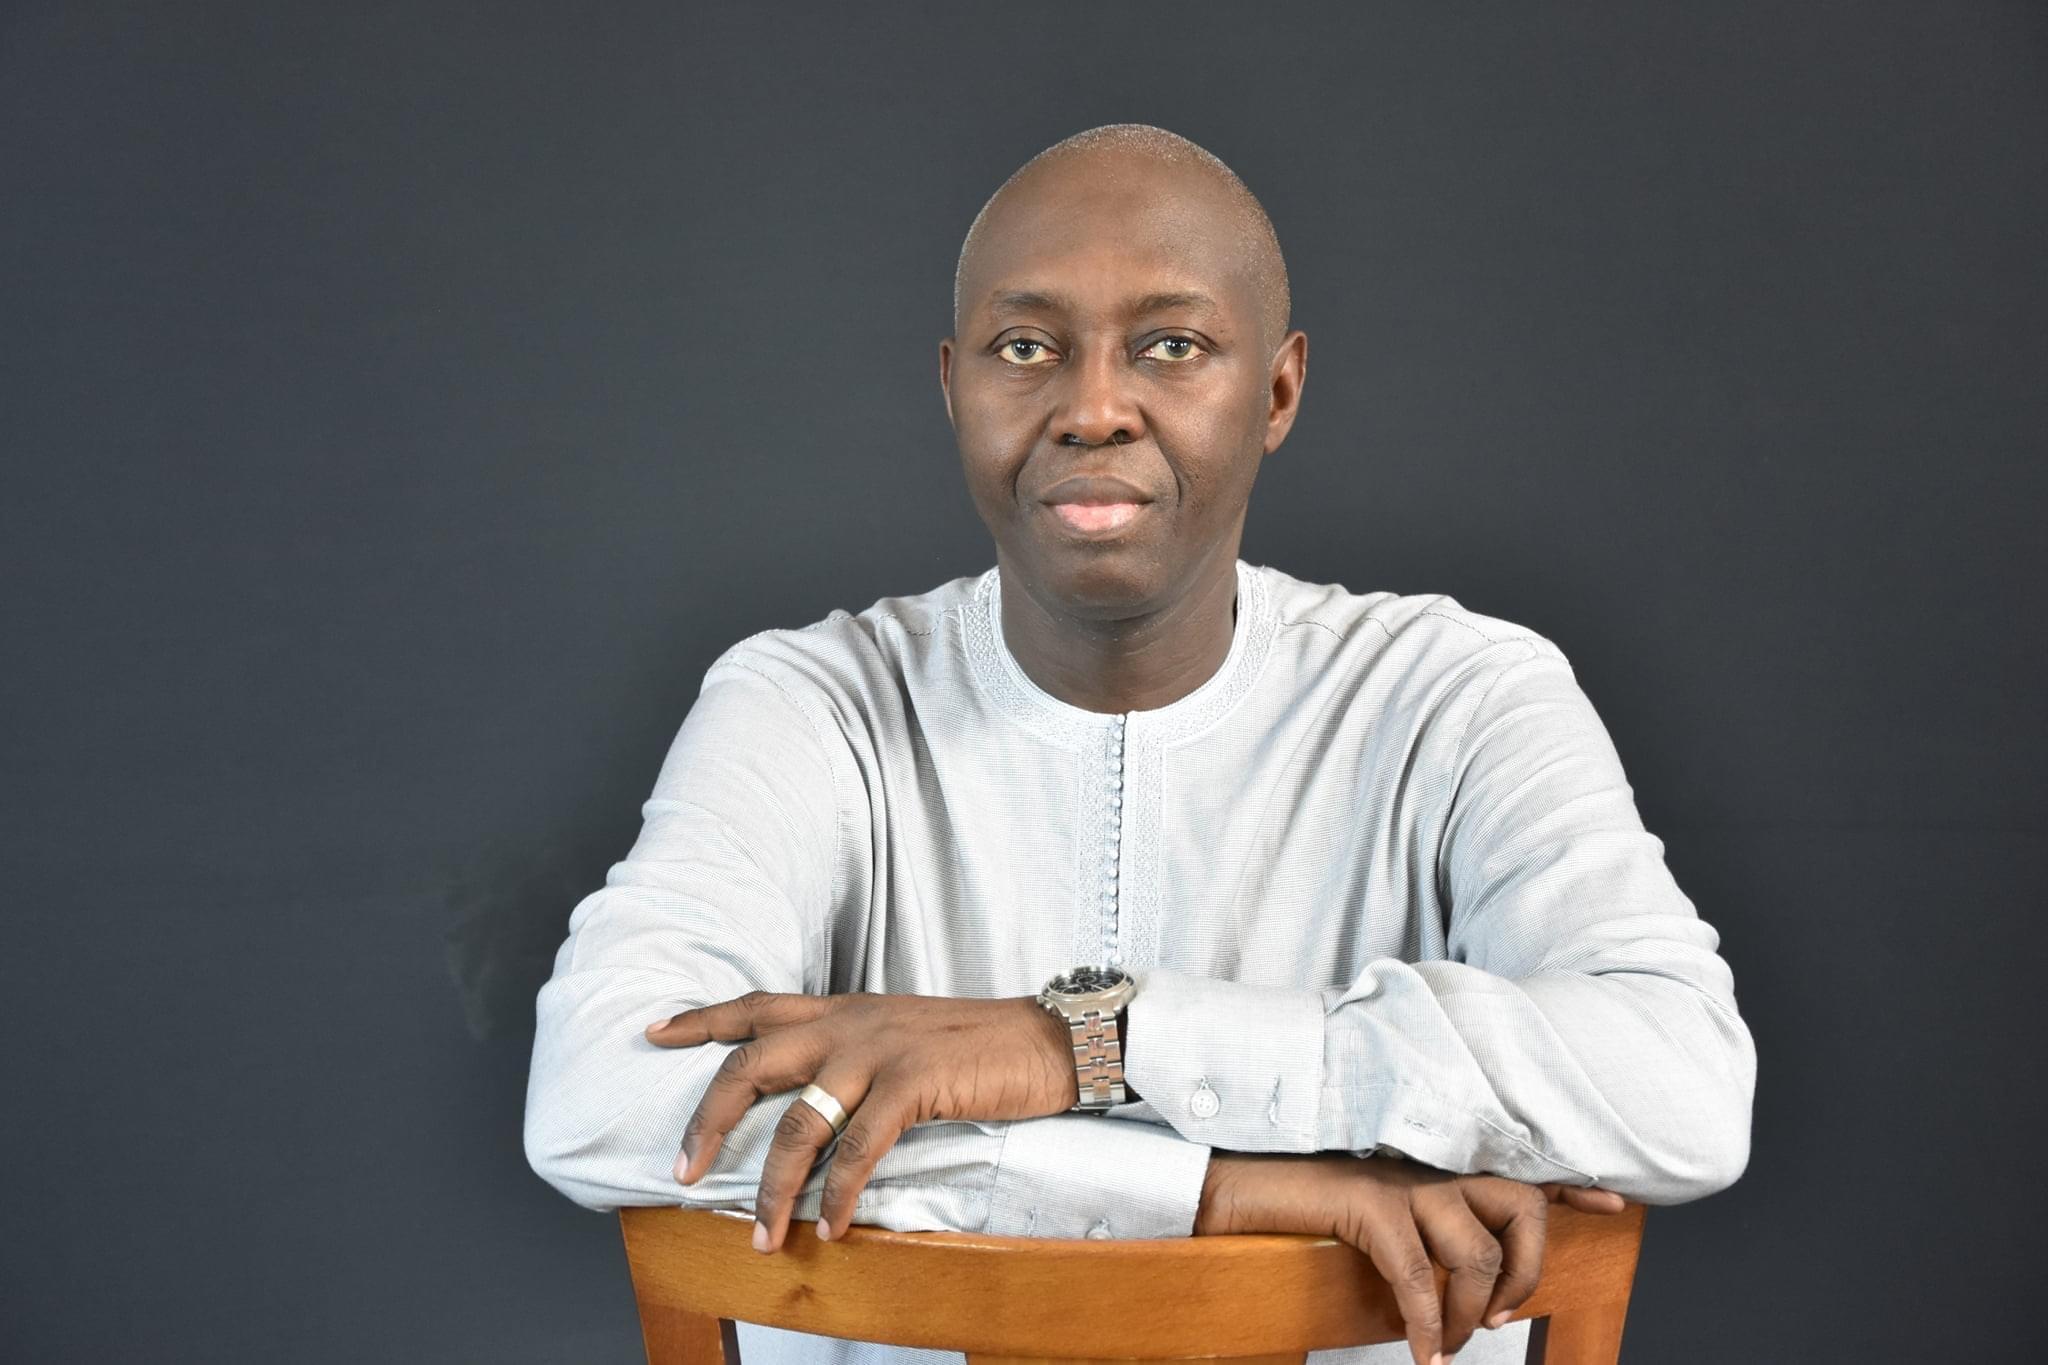 Plénière pour la levée de l'immunité parlementaire du Député Sonko : Mamadou Lamine Diallo boycotte la séance.